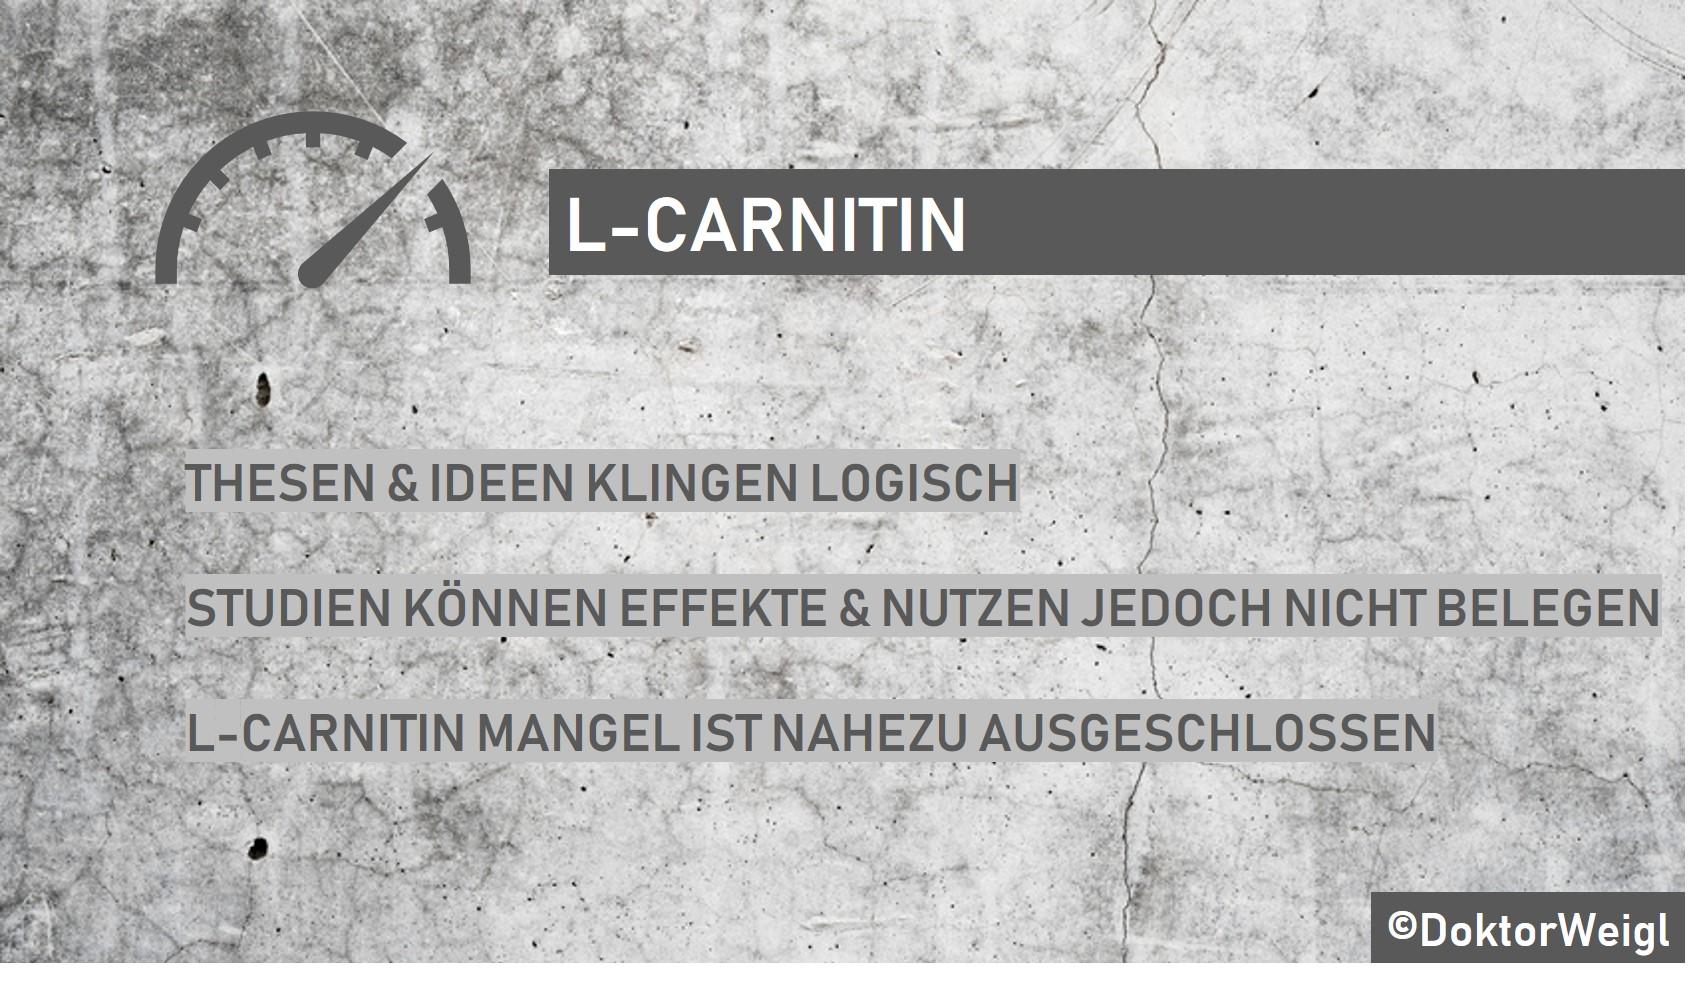 Wie man L-Carnitin zur Gewichtsreduktion verwendet